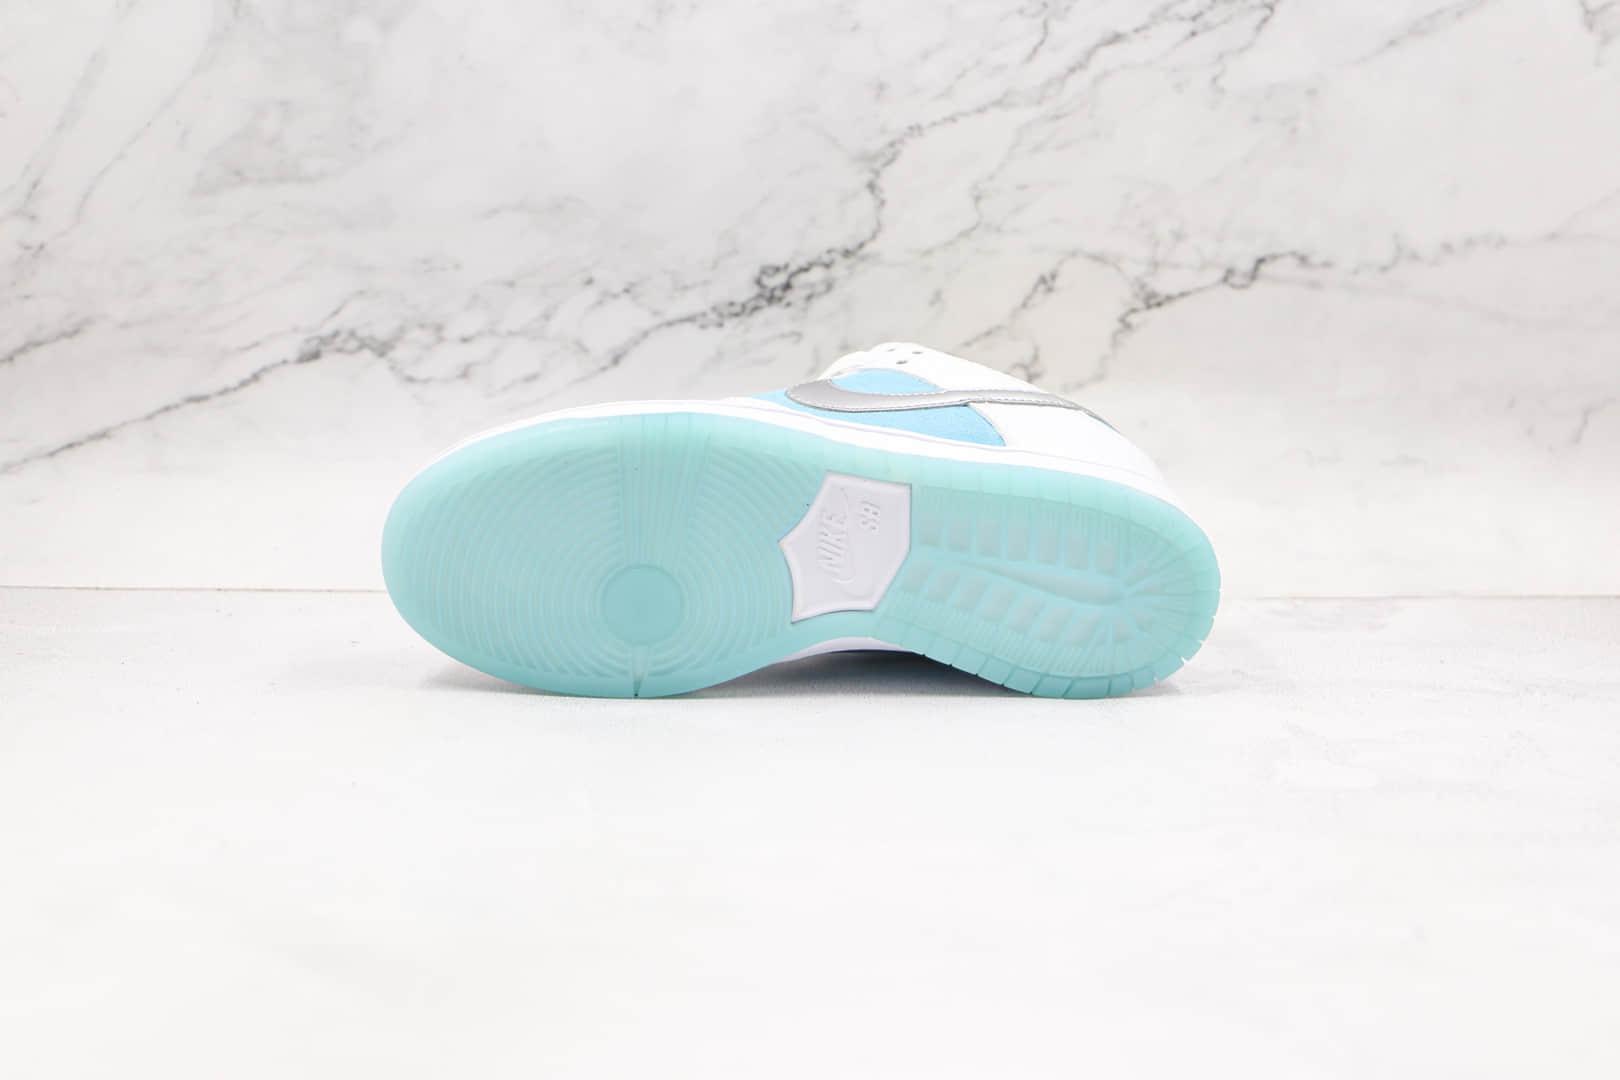 耐克Nike SB Dunk Low Pro QS x FTC联名款纯原版本低帮SB DUNK白蓝色网格板鞋内置气垫 货号:DH7687-400